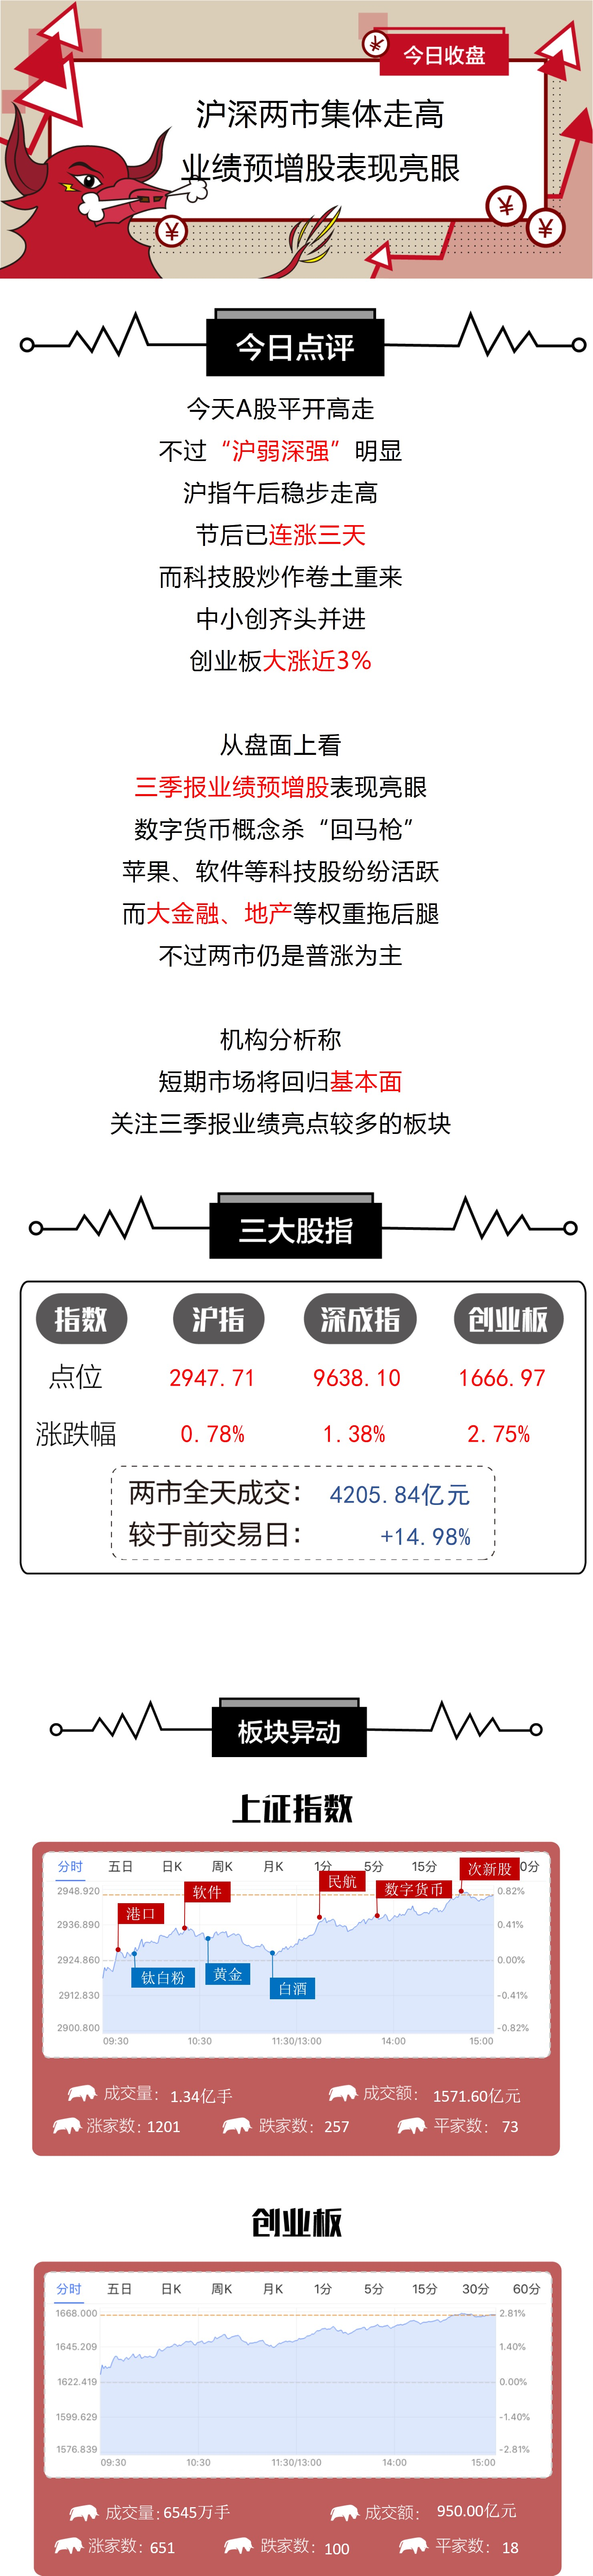 殷剑锋:为什么中国房地产拐点和人口拐点不重合